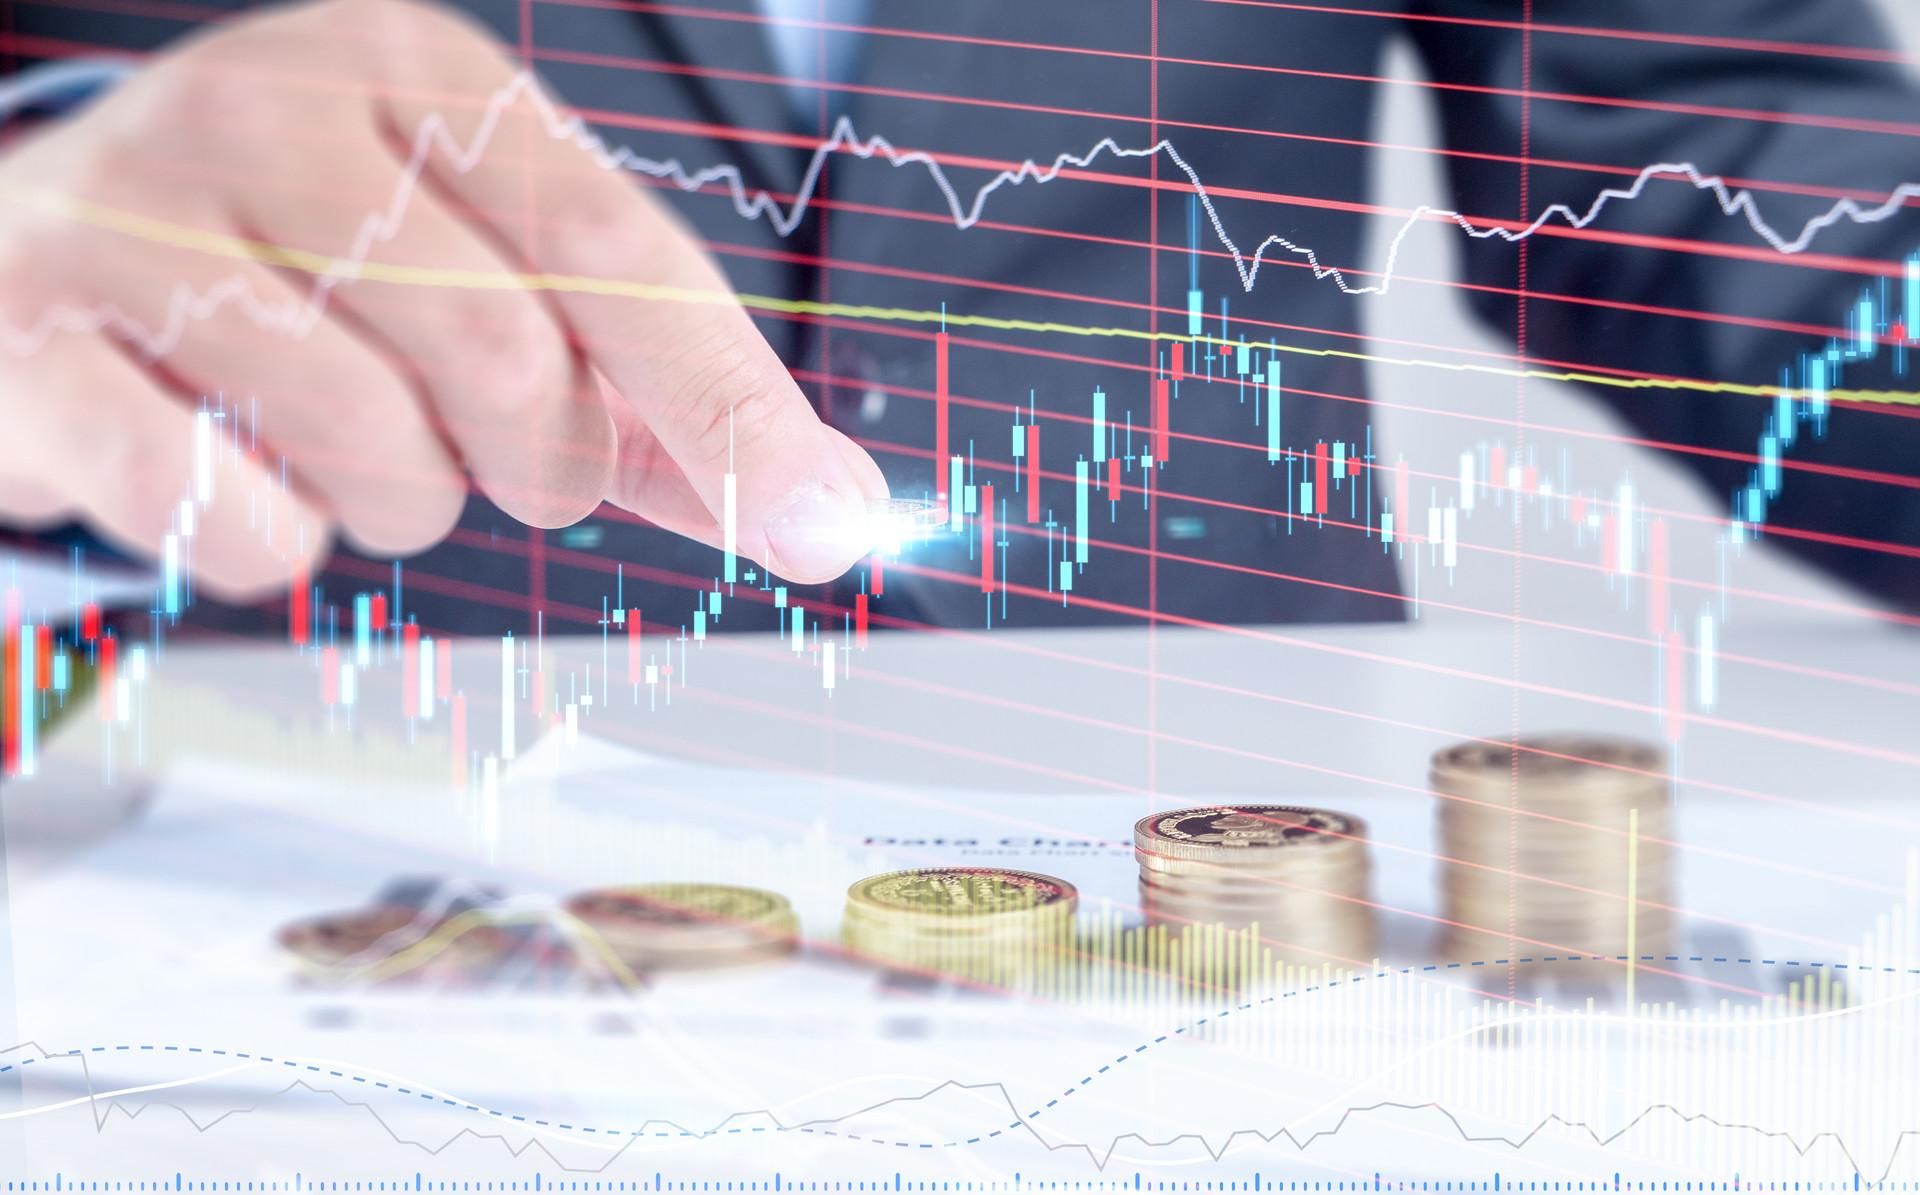 權益基金爆款頻出 業績與規模形成良性循環